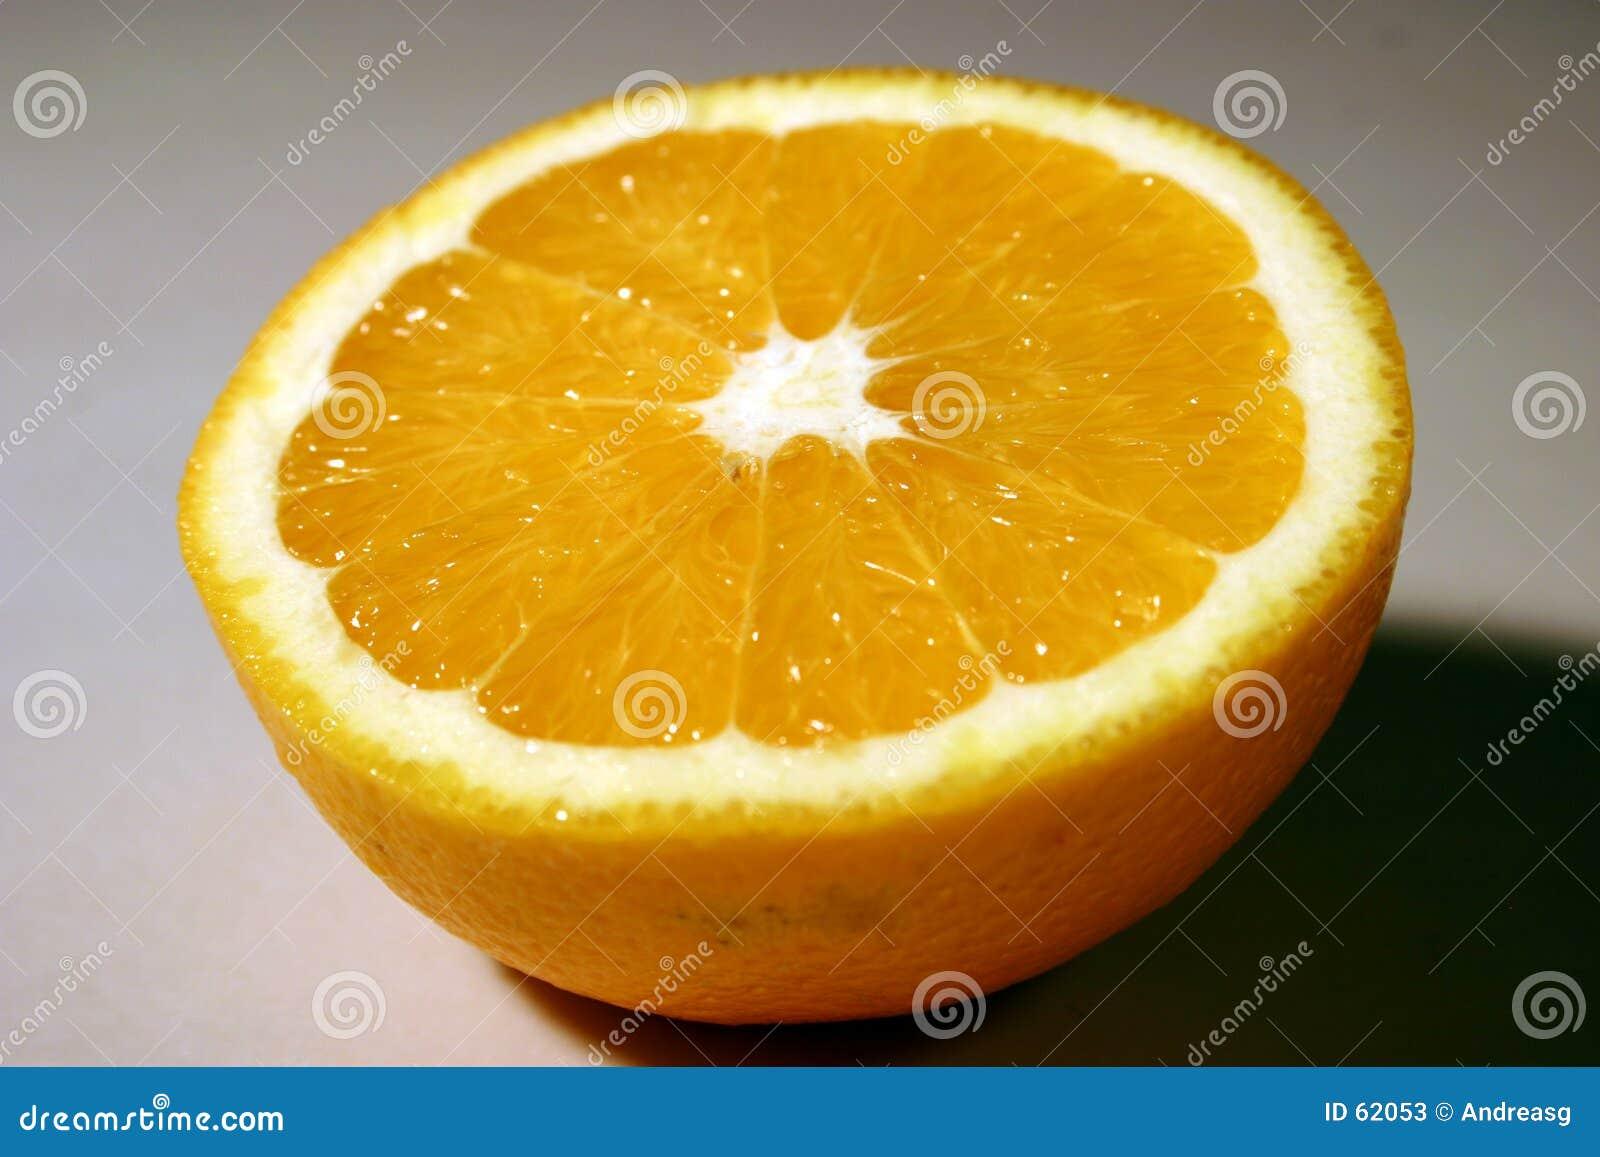 A medias naranja